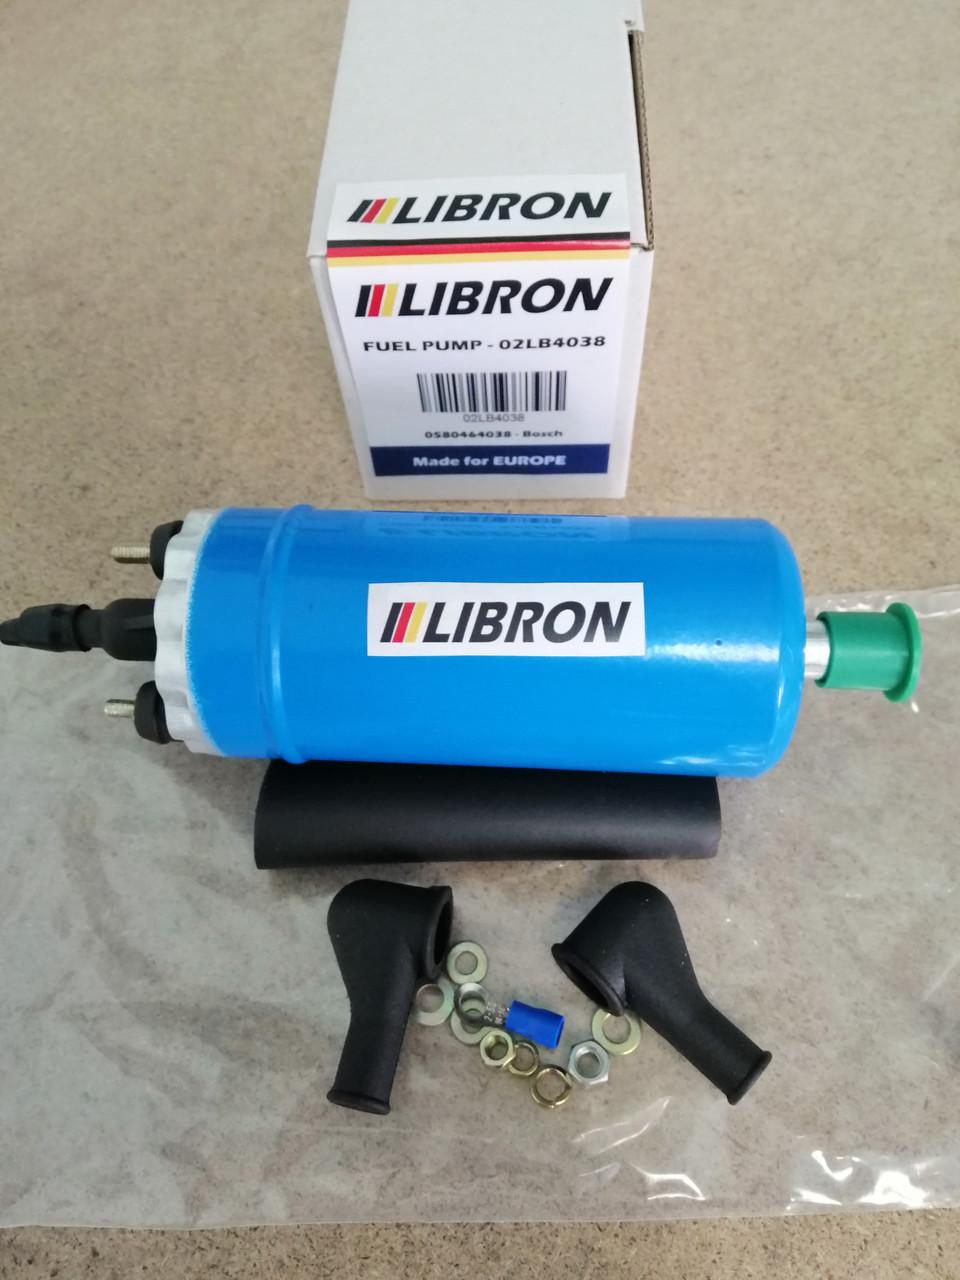 Топливный насос LIBRON 02LB4038 - Опель Вектра A (86_, 87_) 2.0 i 4x4 (1989-1992)